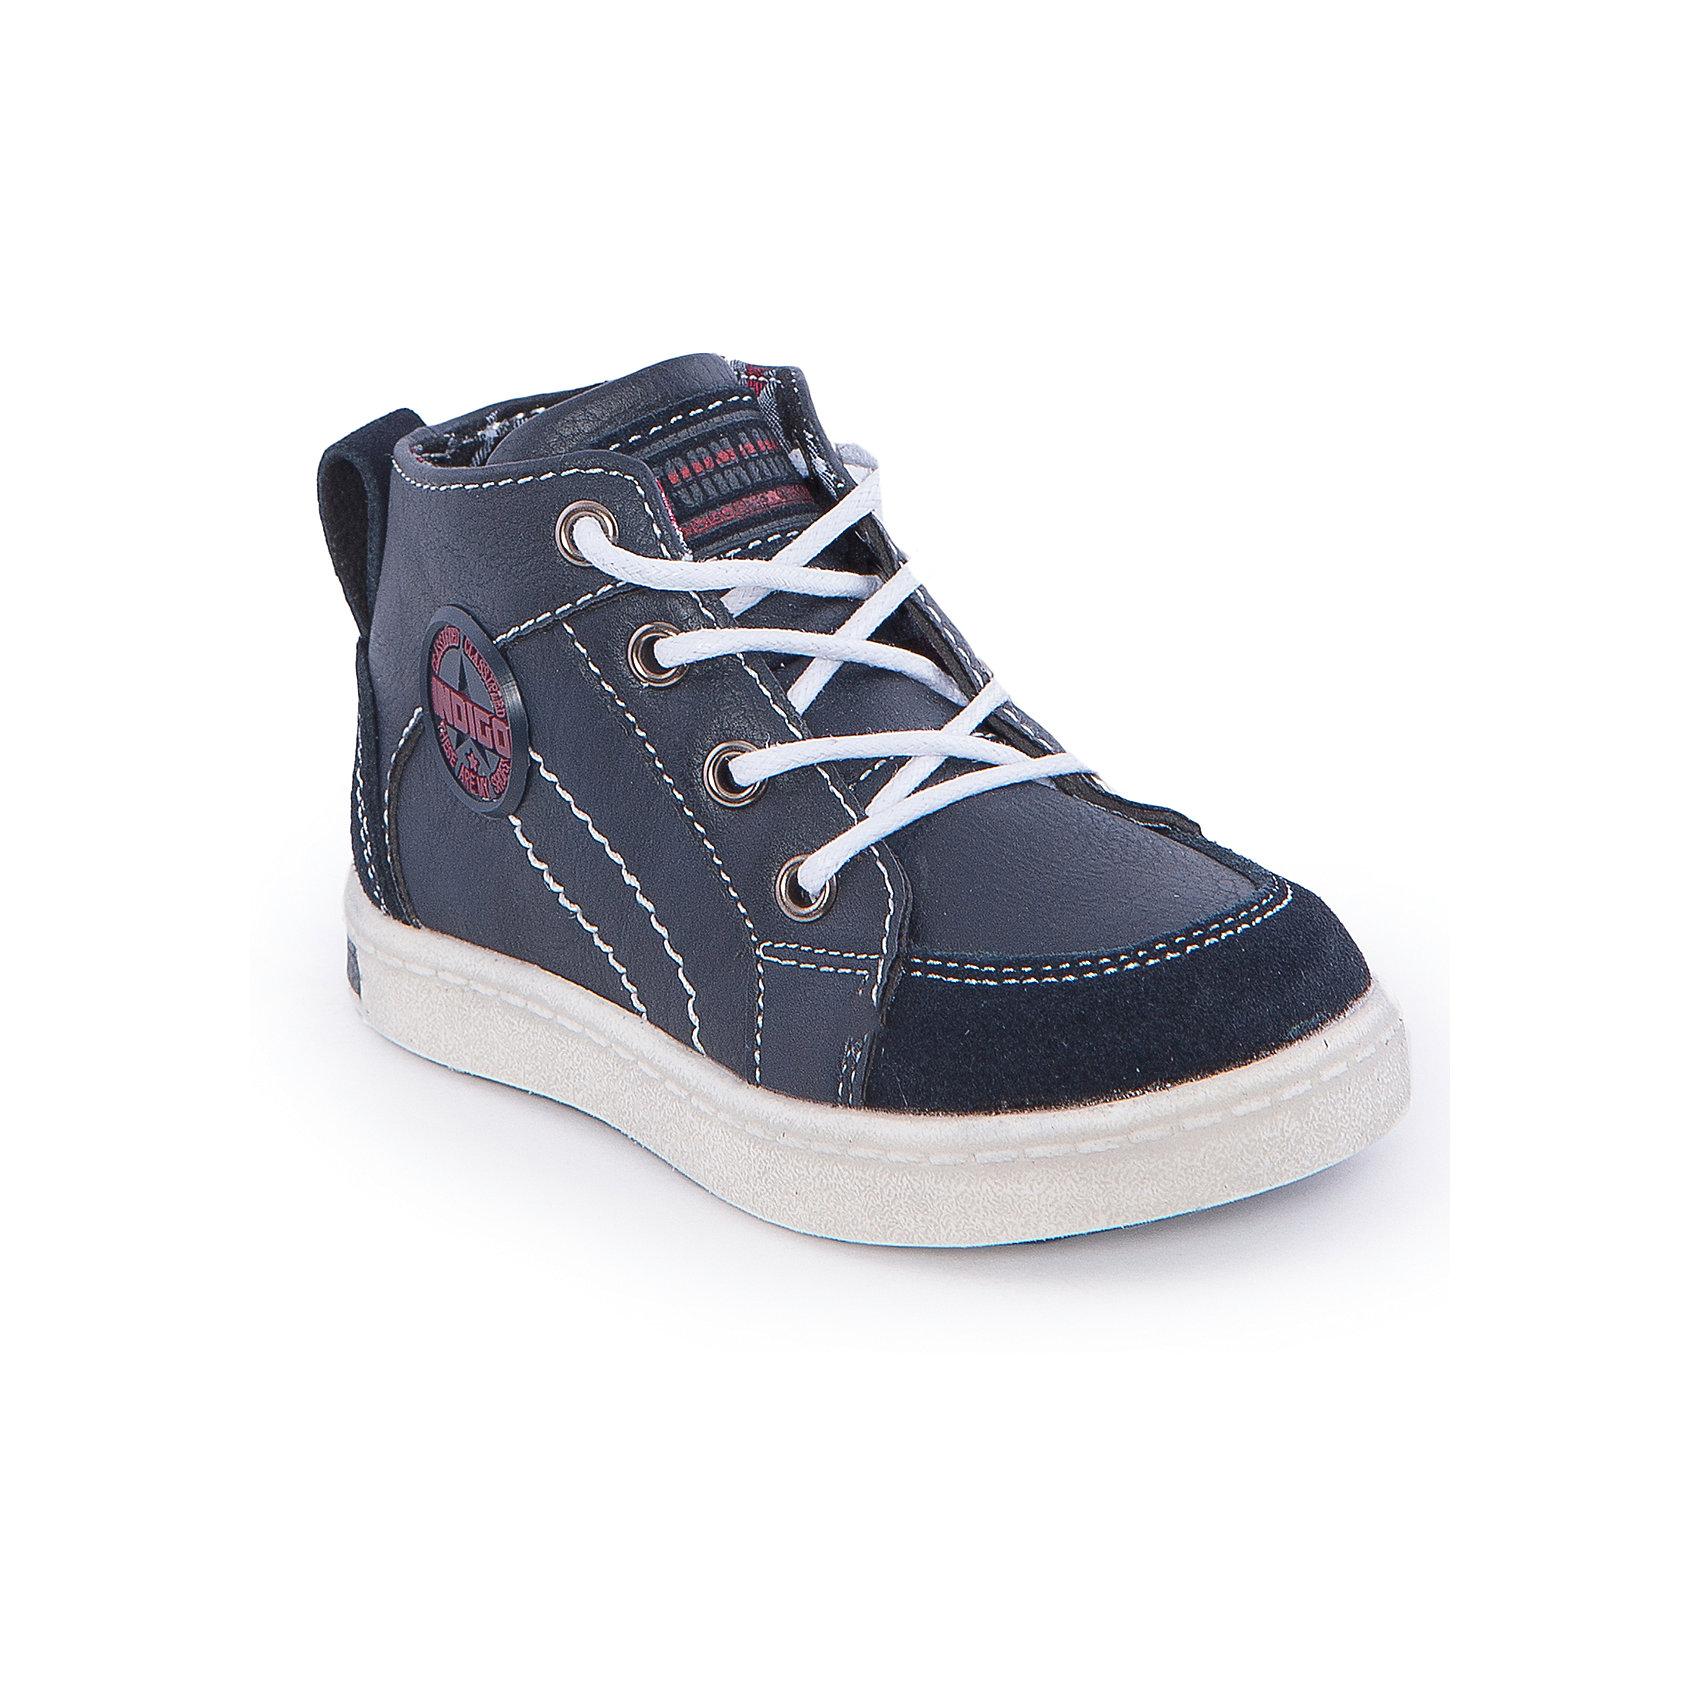 Ботинки для девочки Indigo kidsОбувь для малышей<br>Ботинки для мальчика от известного бренда Indigo kids <br> <br>Оригинальные ботинки с завышенным голенищем созданы для прохладной погоды. Они очень стильно смотрятся. Ботинки легко надеваются, комфортно садятся по ноге, дают коже дышать. <br> <br>Особенности модели: <br> <br>- цвет: синий; <br>- стильный дизайн; <br>- удобная колодка; <br>- каблук; <br>- двойная контрастная прошивка; <br>- декорированы нашивкой; <br>- устойчивая нескользящая подошва; <br>- застежка: шнуровка и молния. <br> <br>Дополнительная информация: <br> <br>Состав: <br> <br>верх – искусственная кожа; <br>подкладка - текстиль; <br>подошва - ТЭП. <br> <br>Температурный режим: <br>от +5°С до +20°С <br> <br>Ботинки для мальчика Indigo kids (Индиго Кидс) можно купить в нашем магазине.<br><br>Ширина мм: 262<br>Глубина мм: 176<br>Высота мм: 97<br>Вес г: 427<br>Цвет: синий<br>Возраст от месяцев: 15<br>Возраст до месяцев: 18<br>Пол: Мужской<br>Возраст: Детский<br>Размер: 22,27,26,25,24,23<br>SKU: 4547873